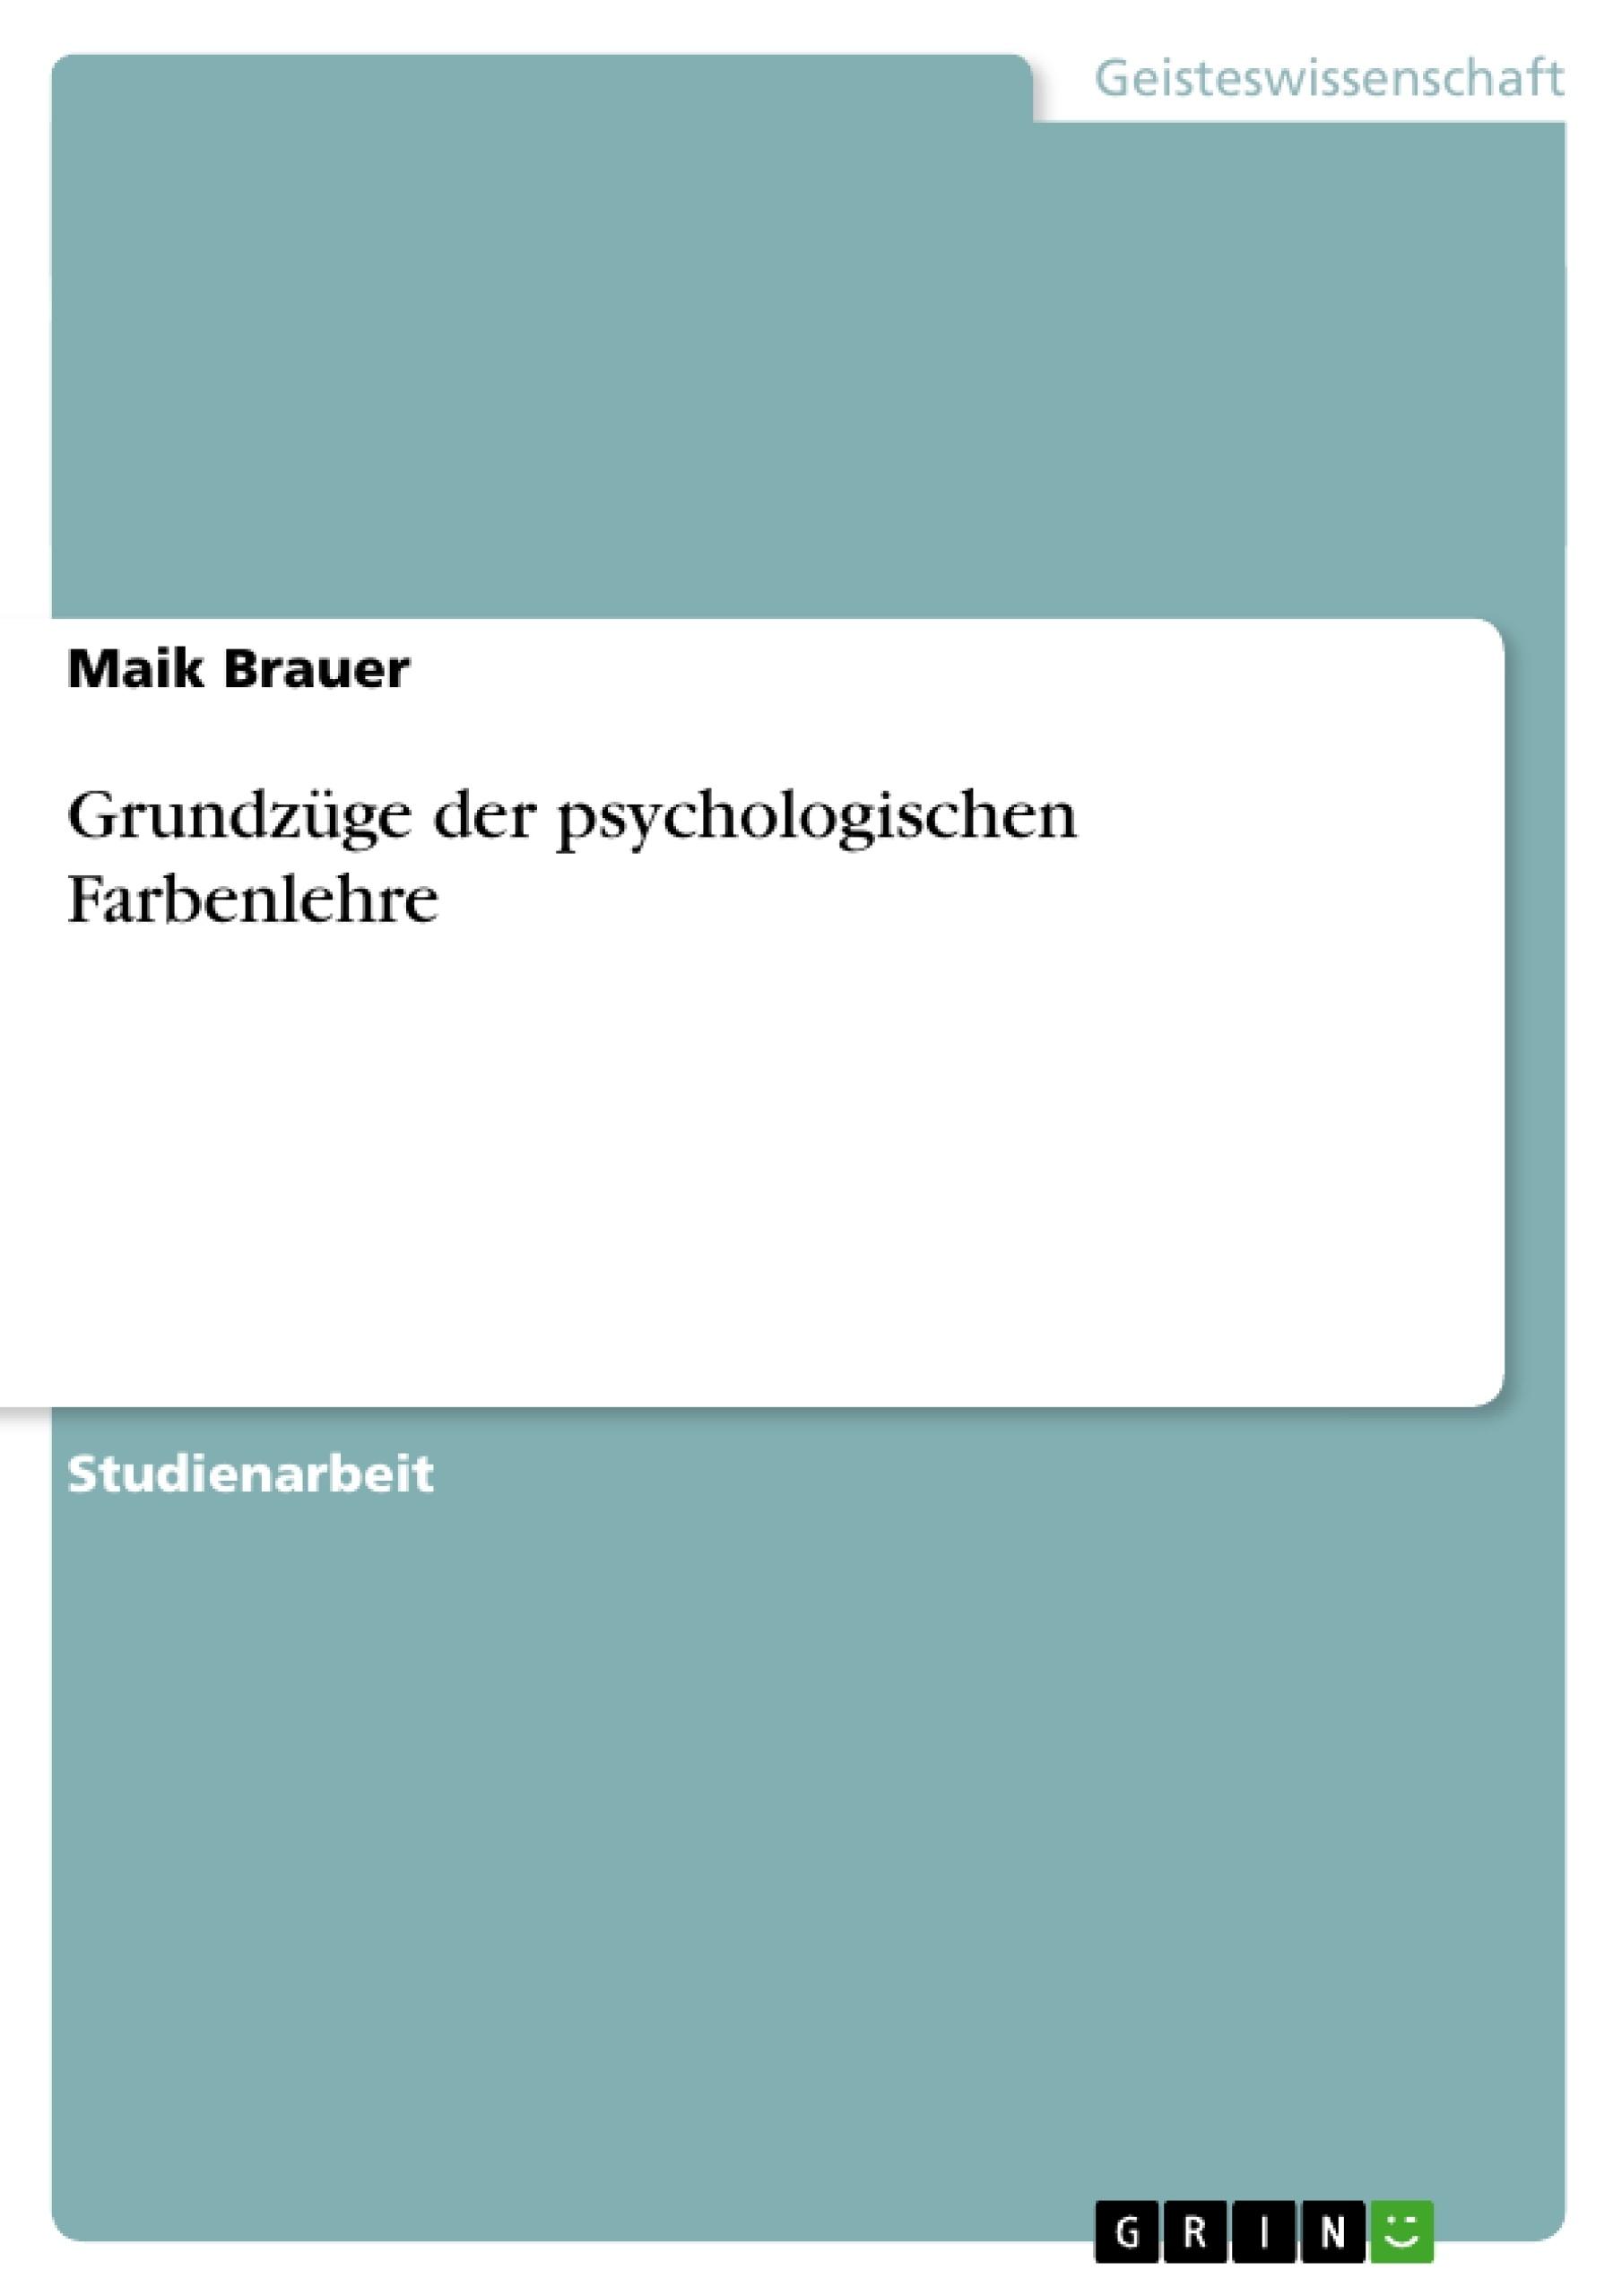 Titel: Grundzüge der psychologischen Farbenlehre